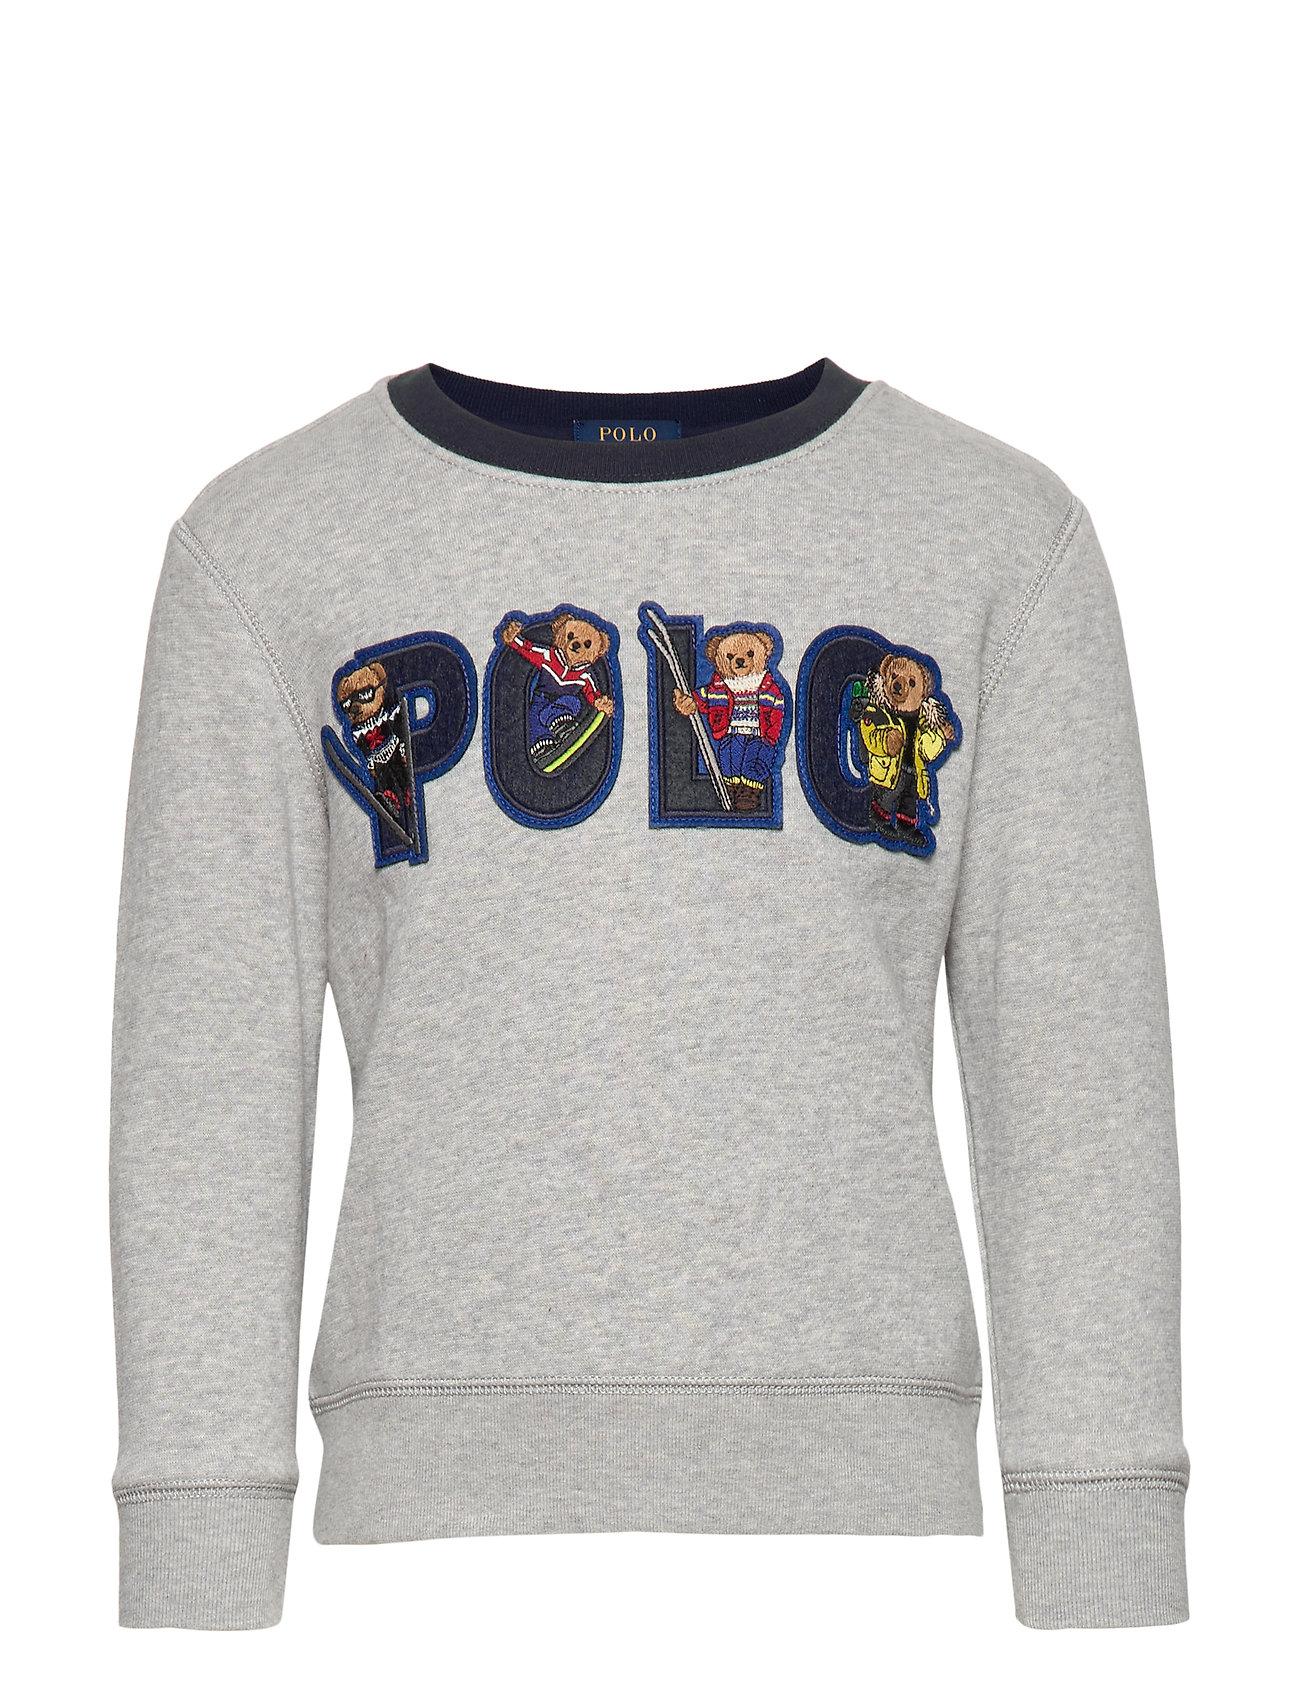 Ralph Lauren Kids Ski Bear Fleece Sweatshirt - ANDOVER HEATHER